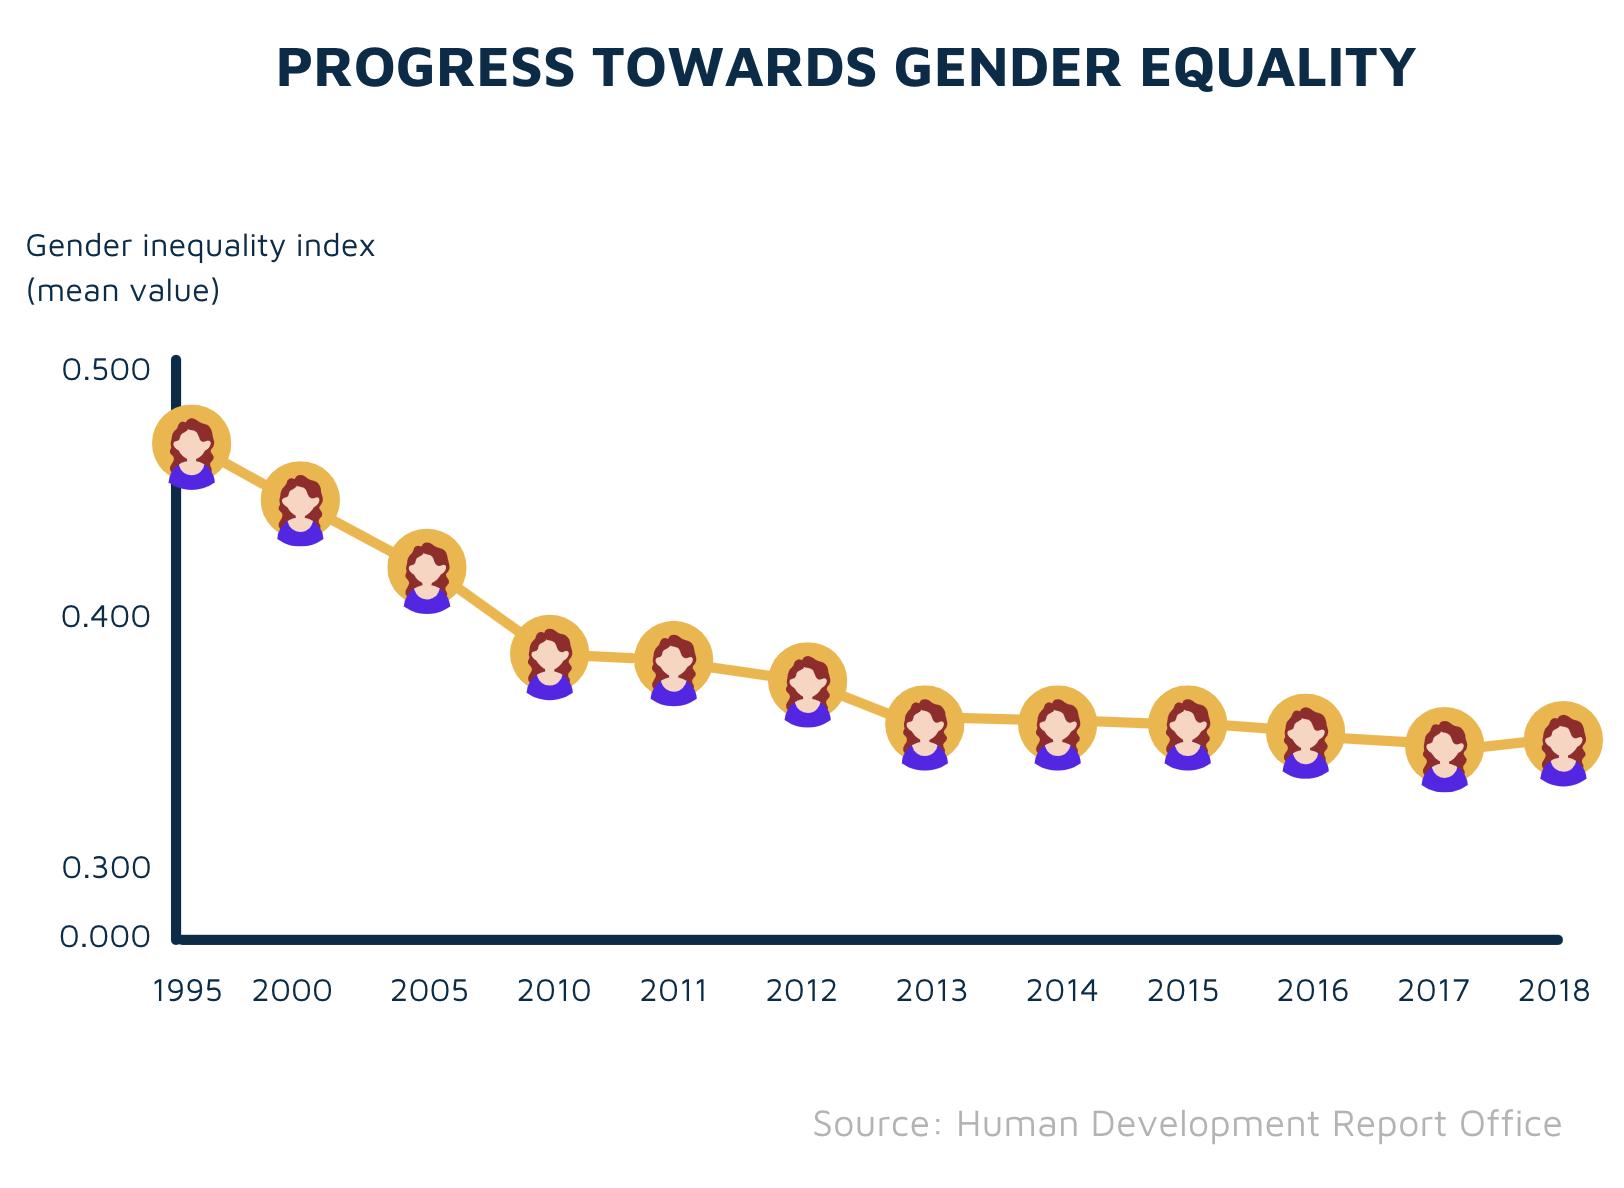 Progress towards gender equality